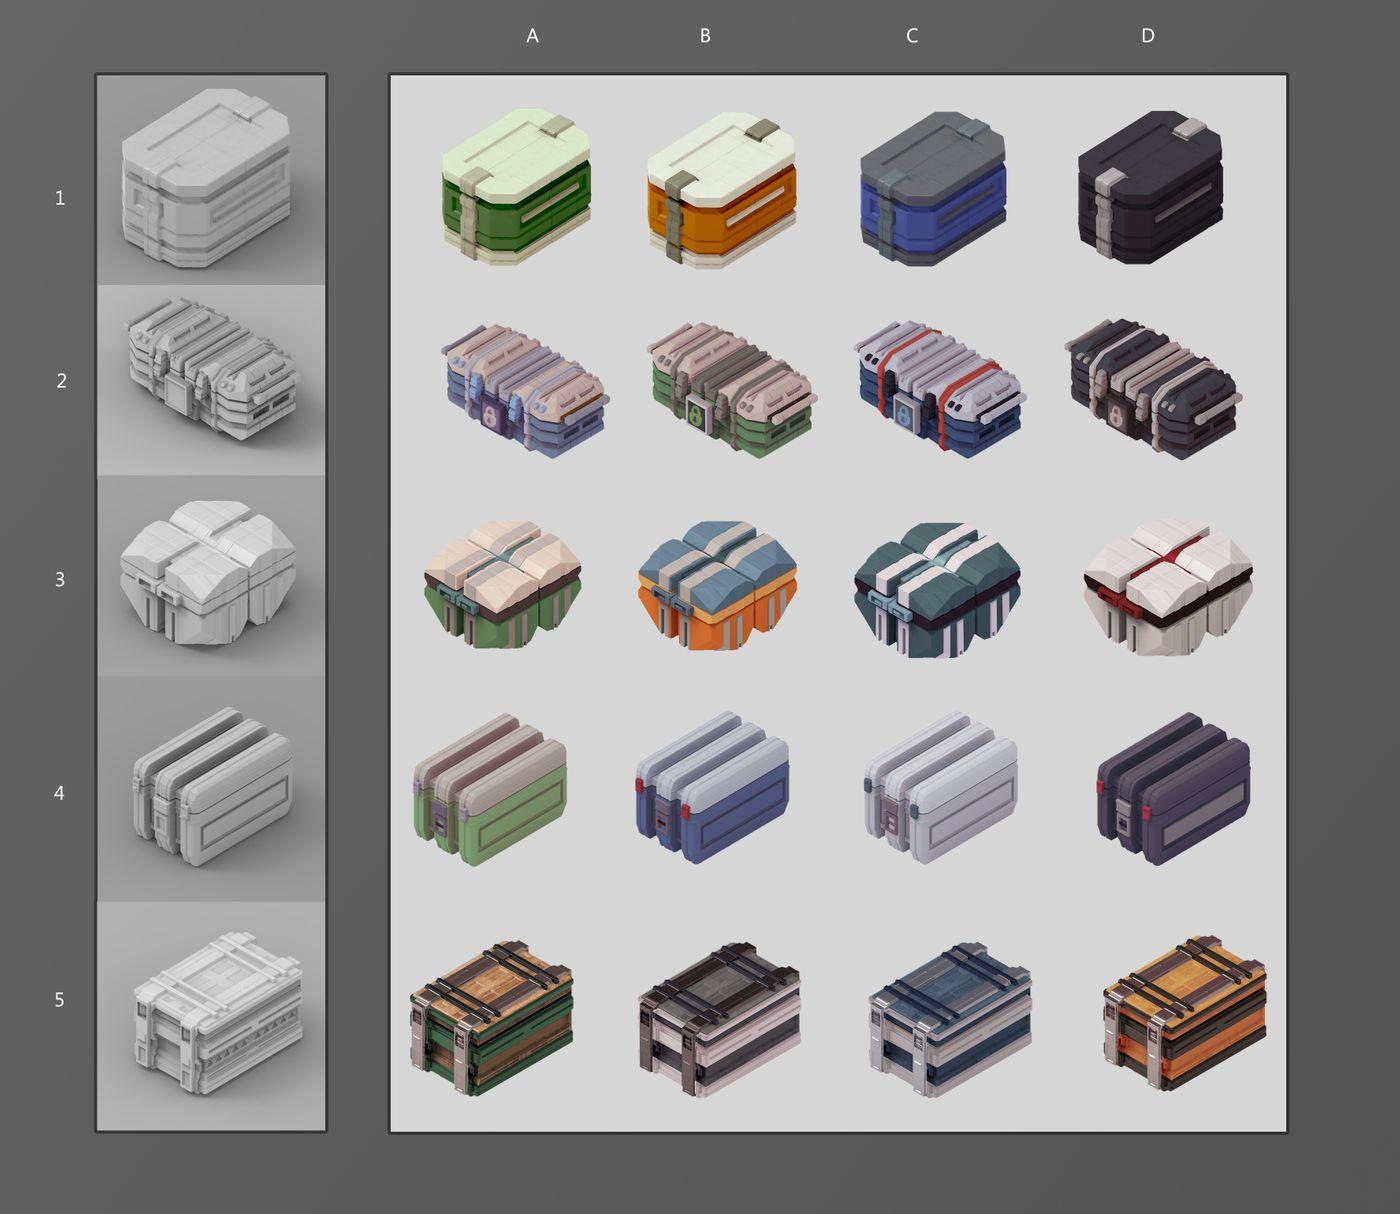 Crates1 Menkerotto